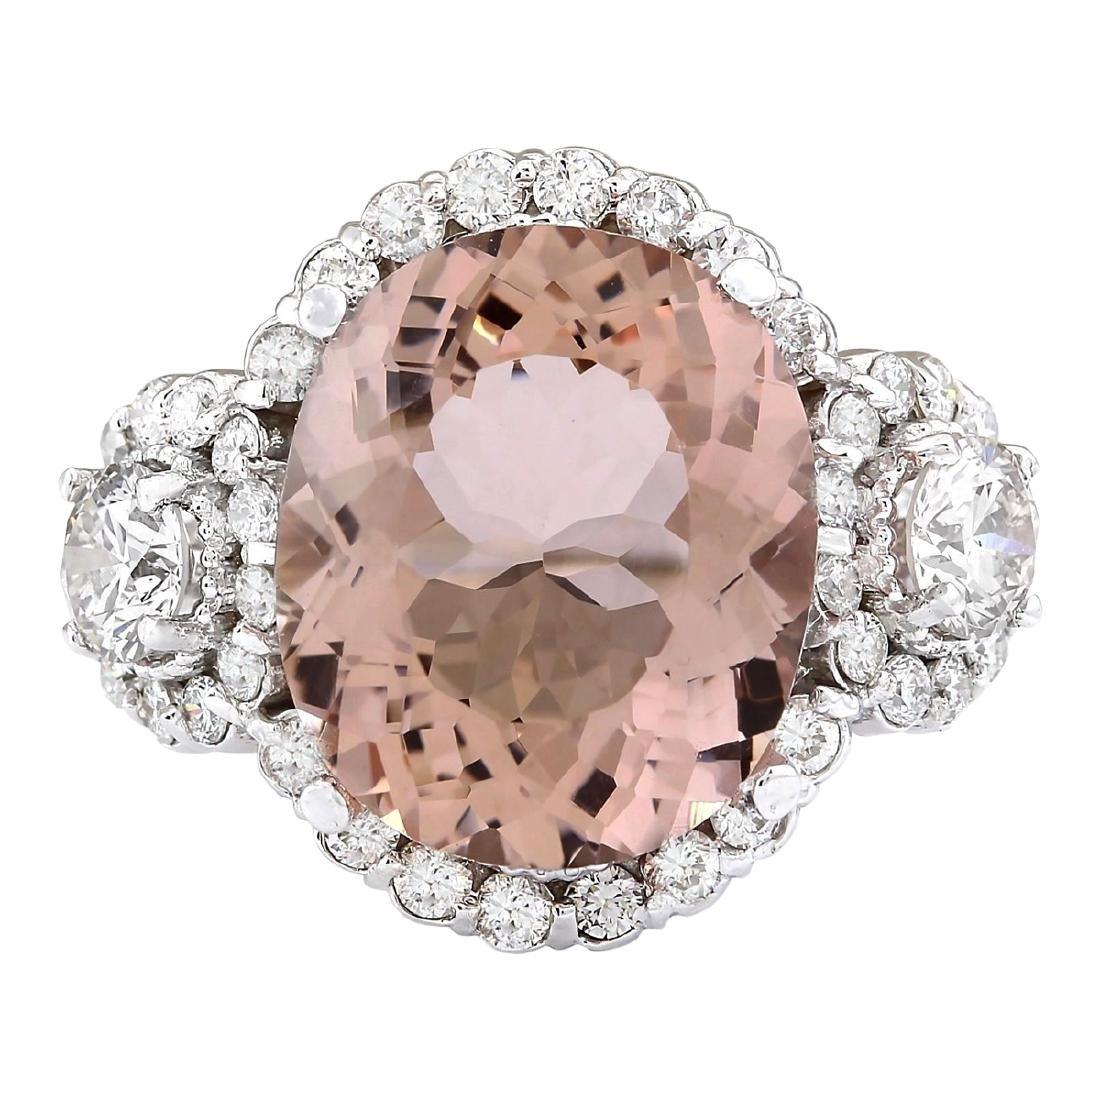 7.21 CTW Natural Morganite And Diamond Ring In 18K